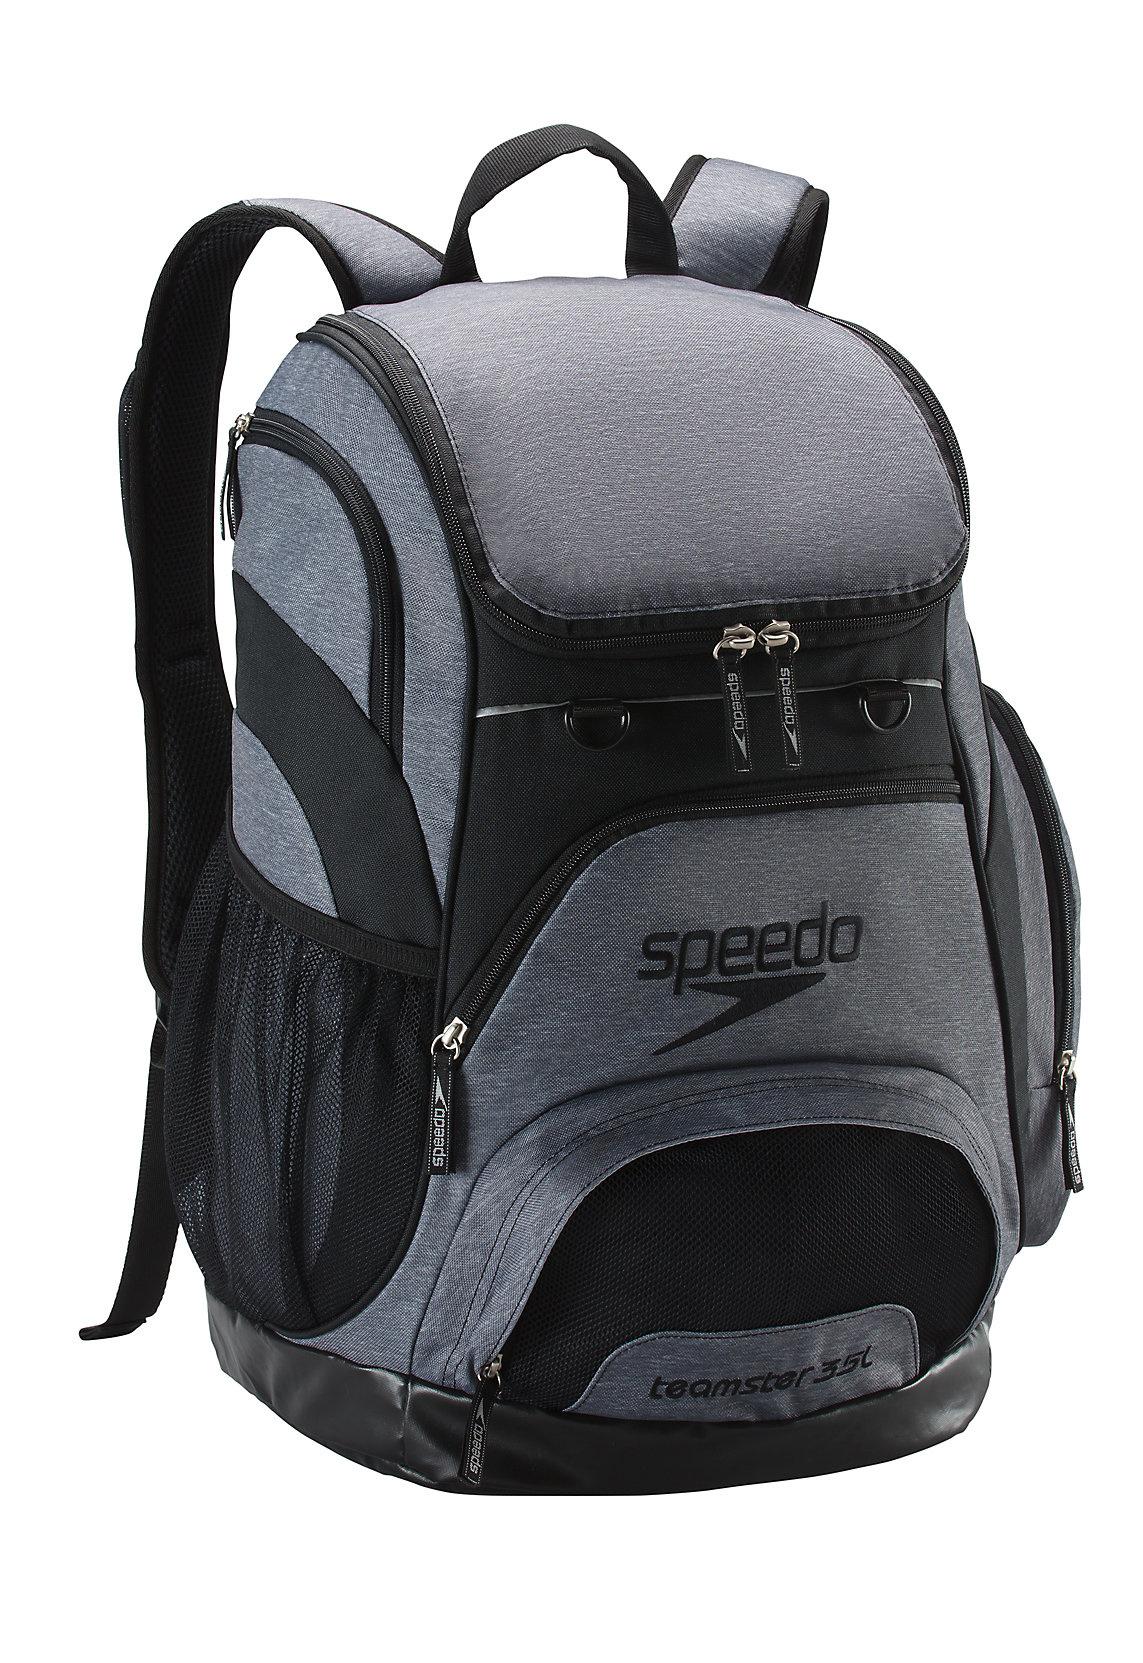 Speedo Printed Teamster Backpack 35L